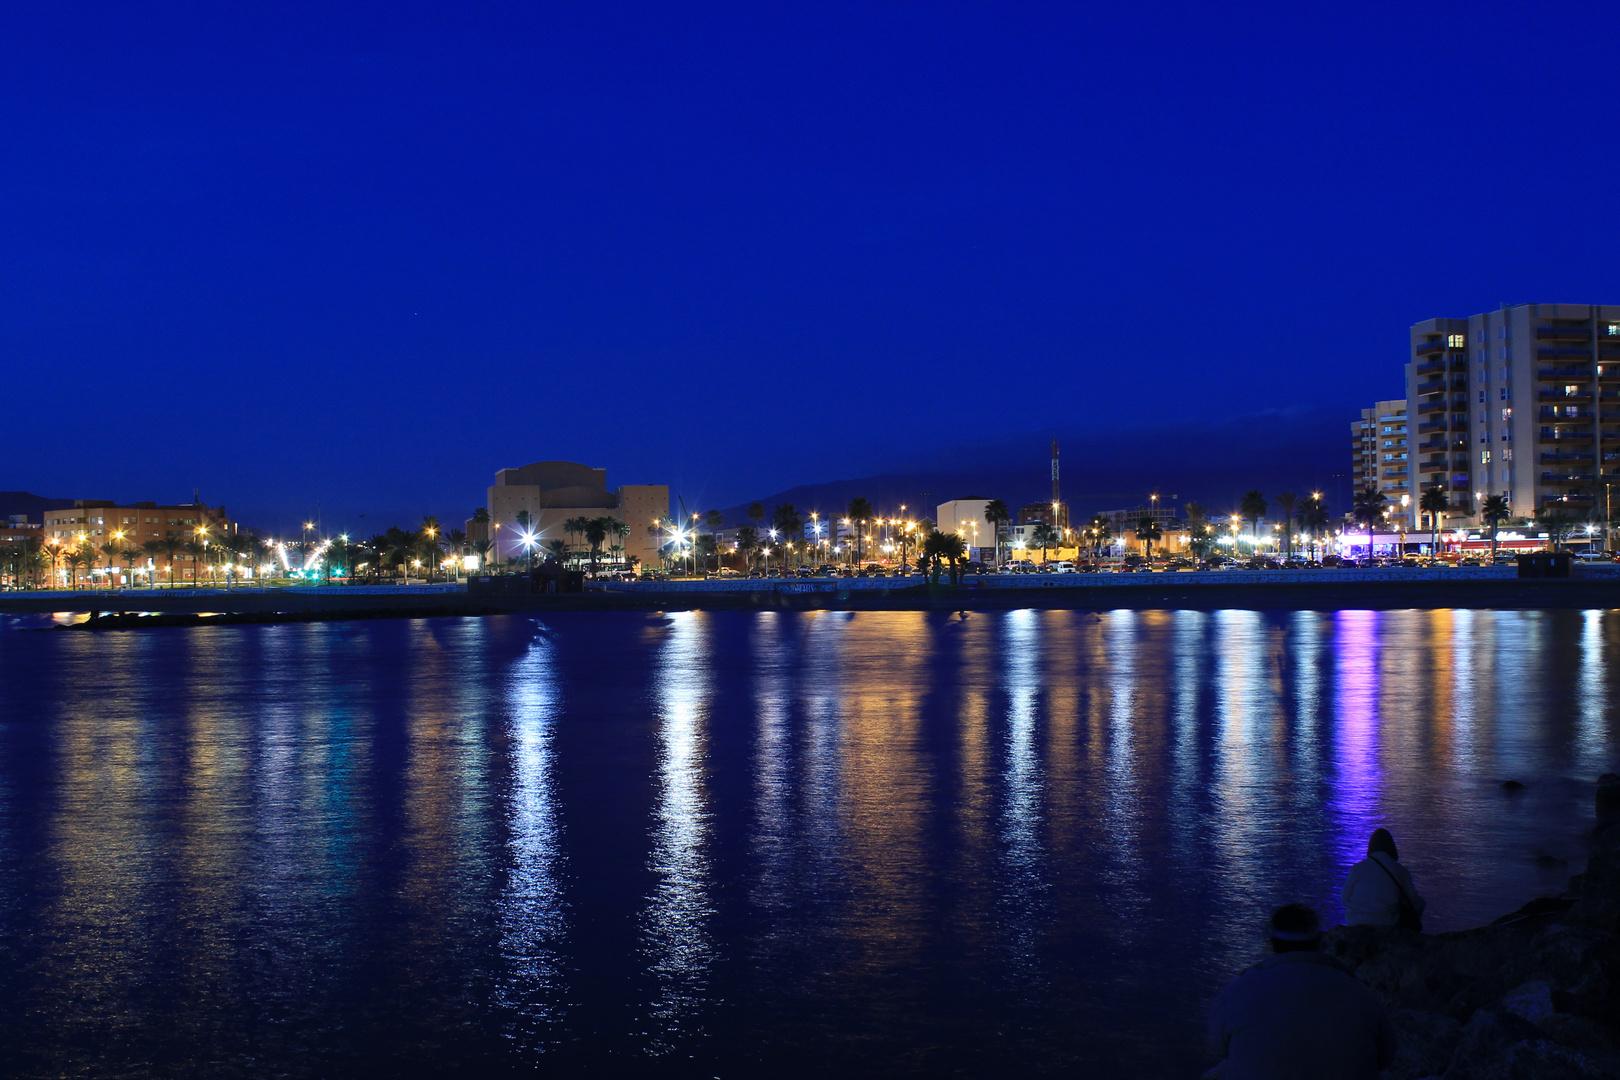 luces que reflejan la ciudad